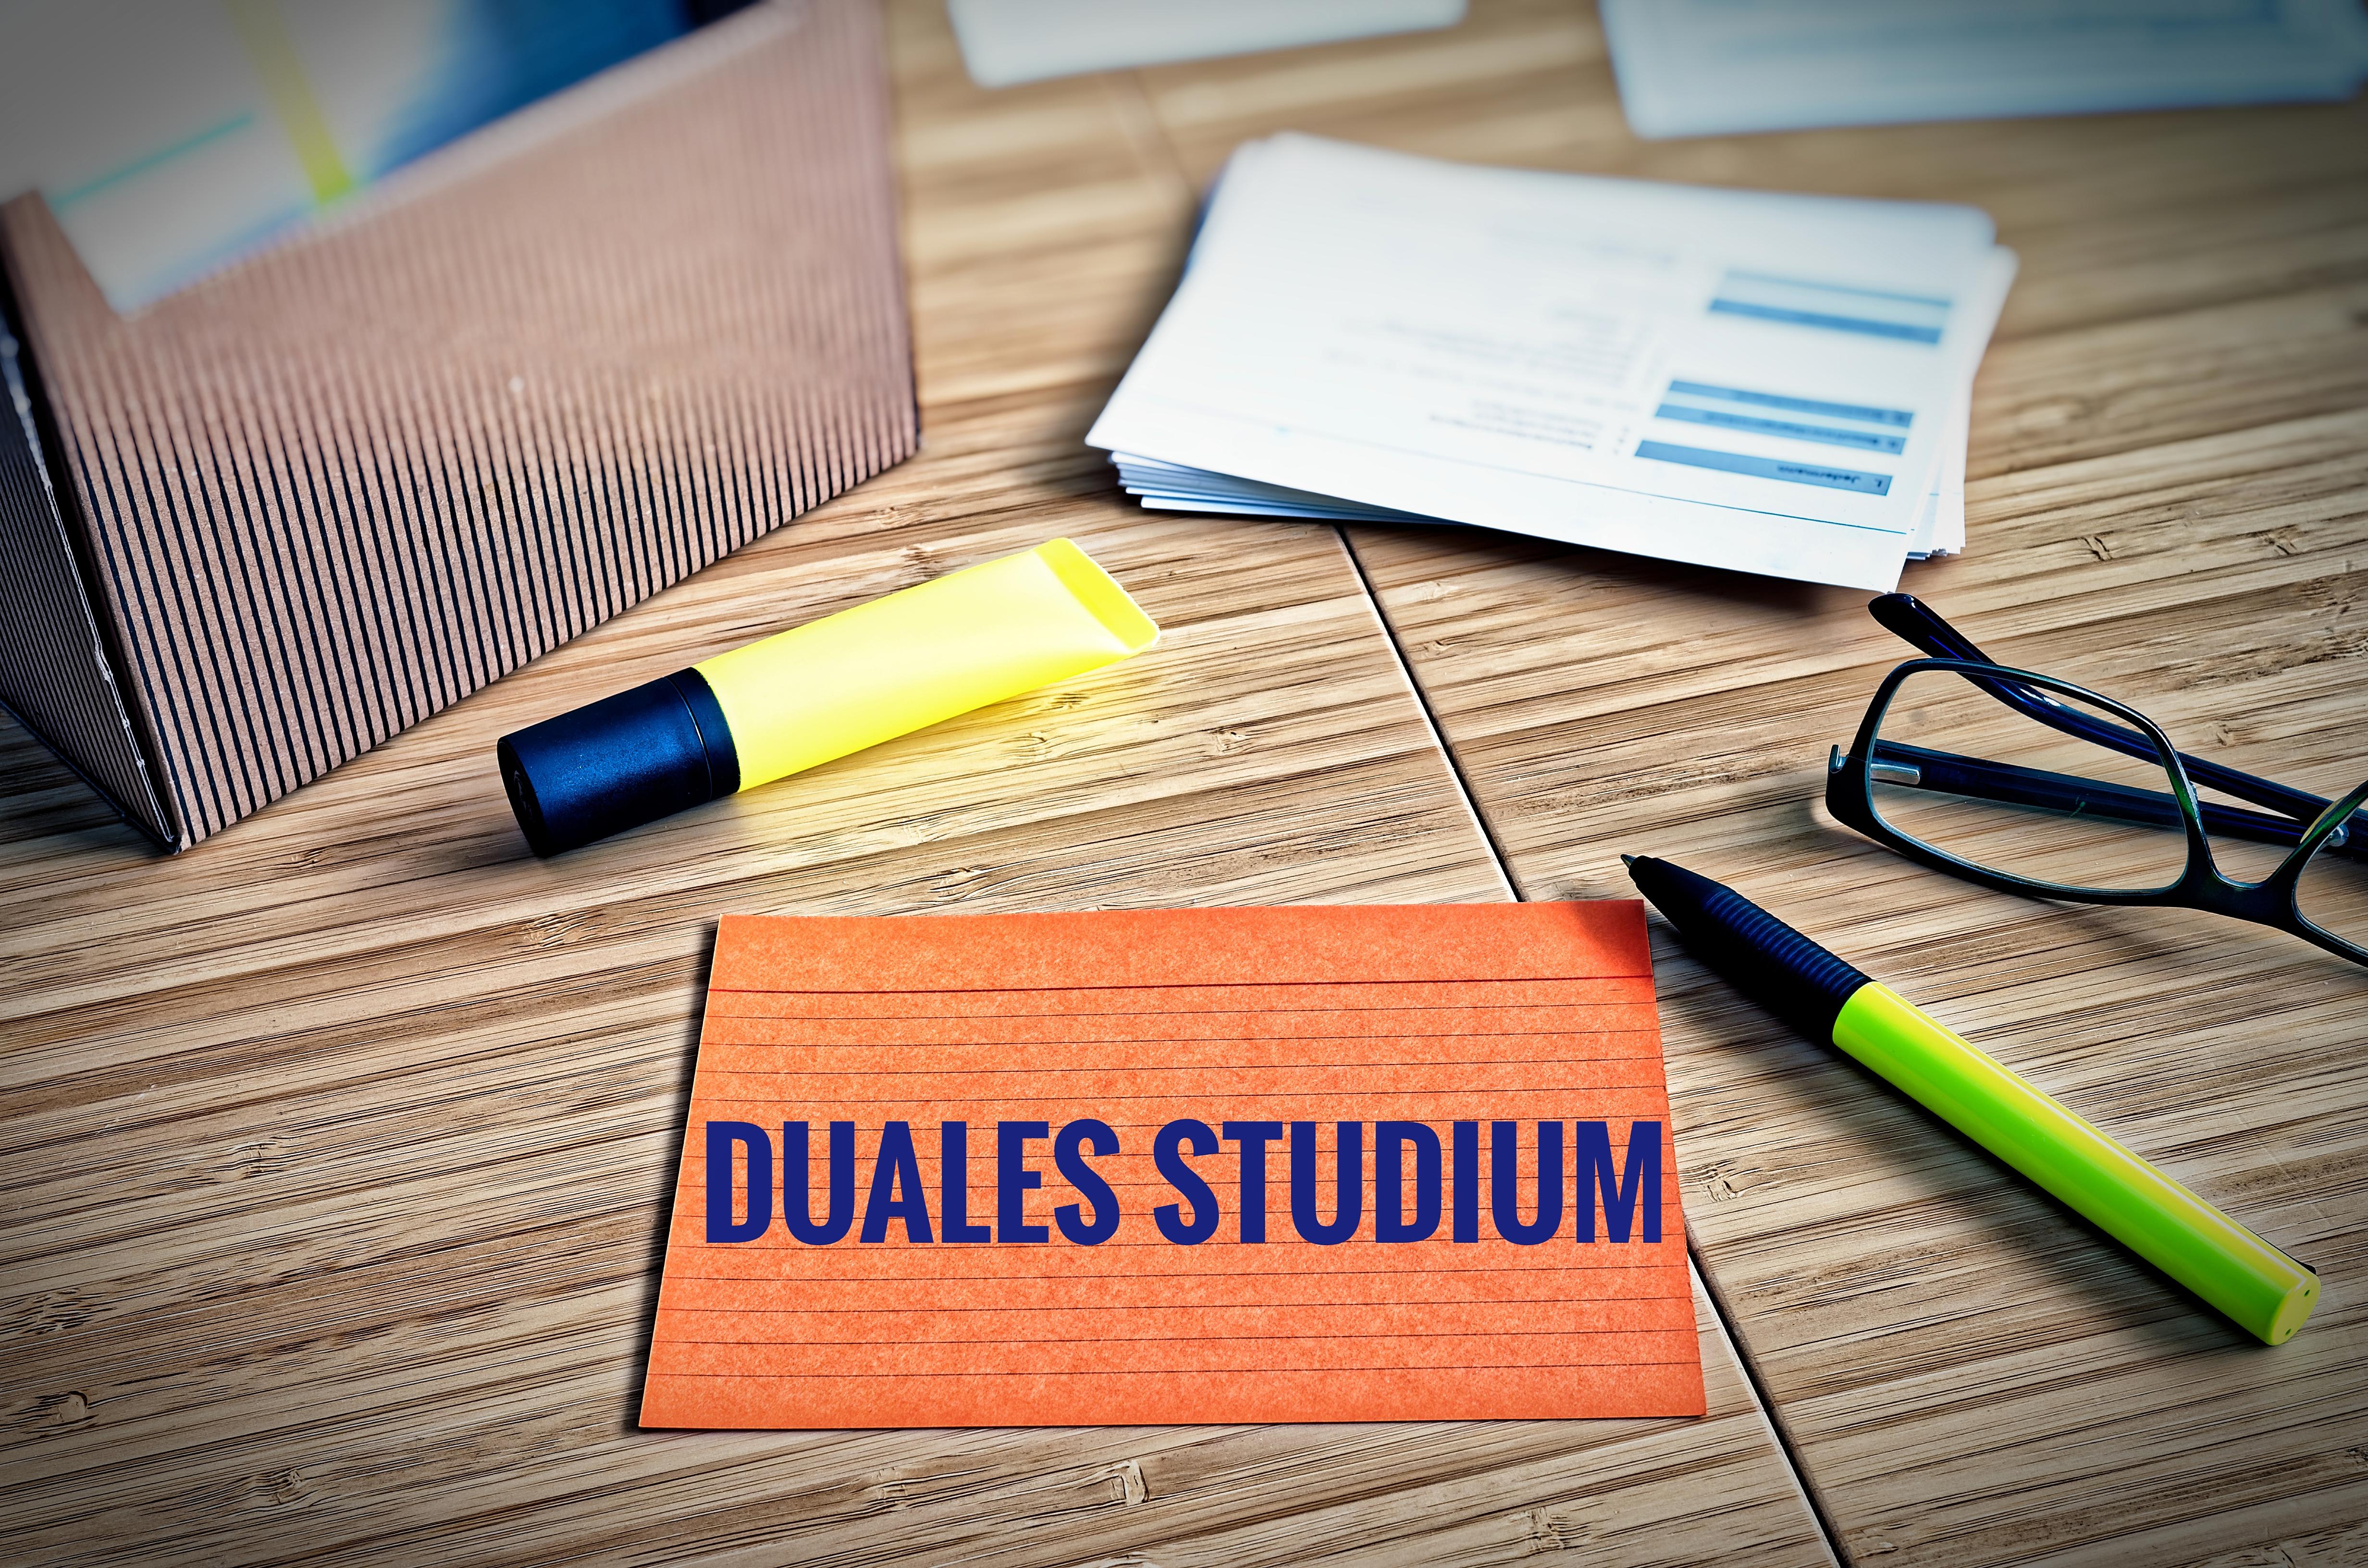 Bewerbung Fur Duales Studium Voraussetzungen Und Tipps